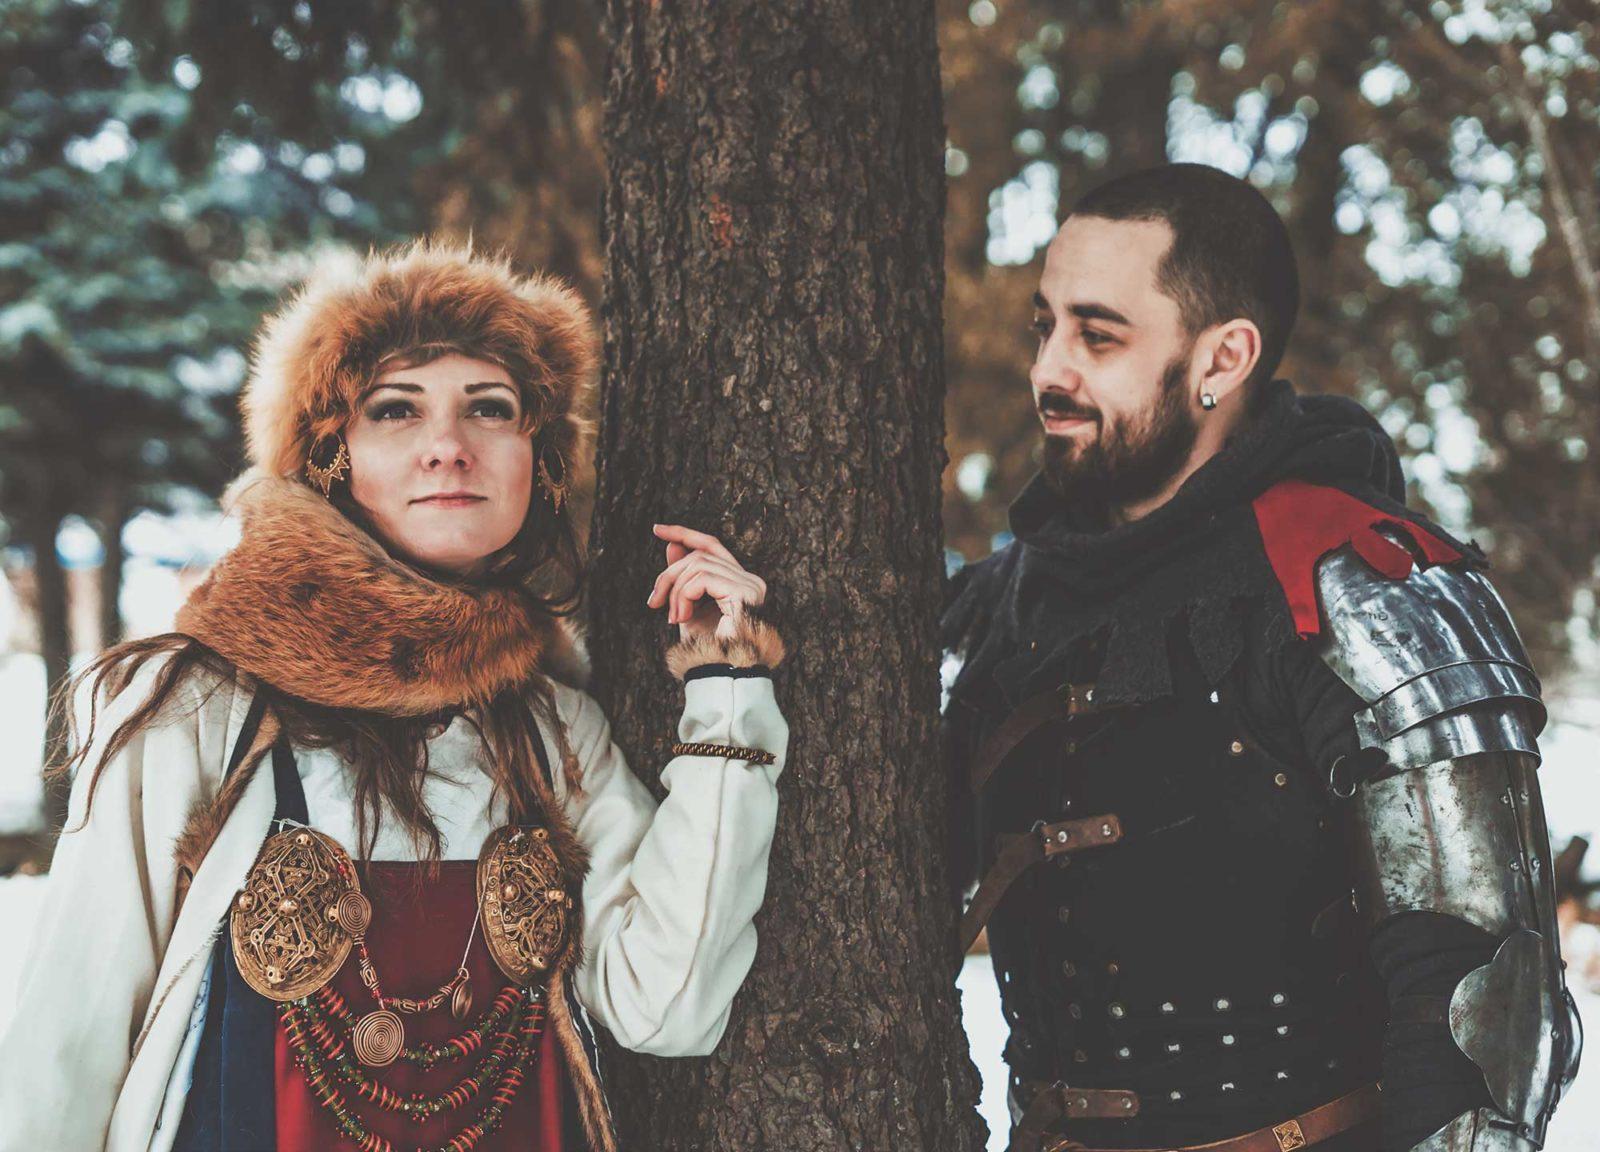 Мужчина и женщина в исторических костюмах